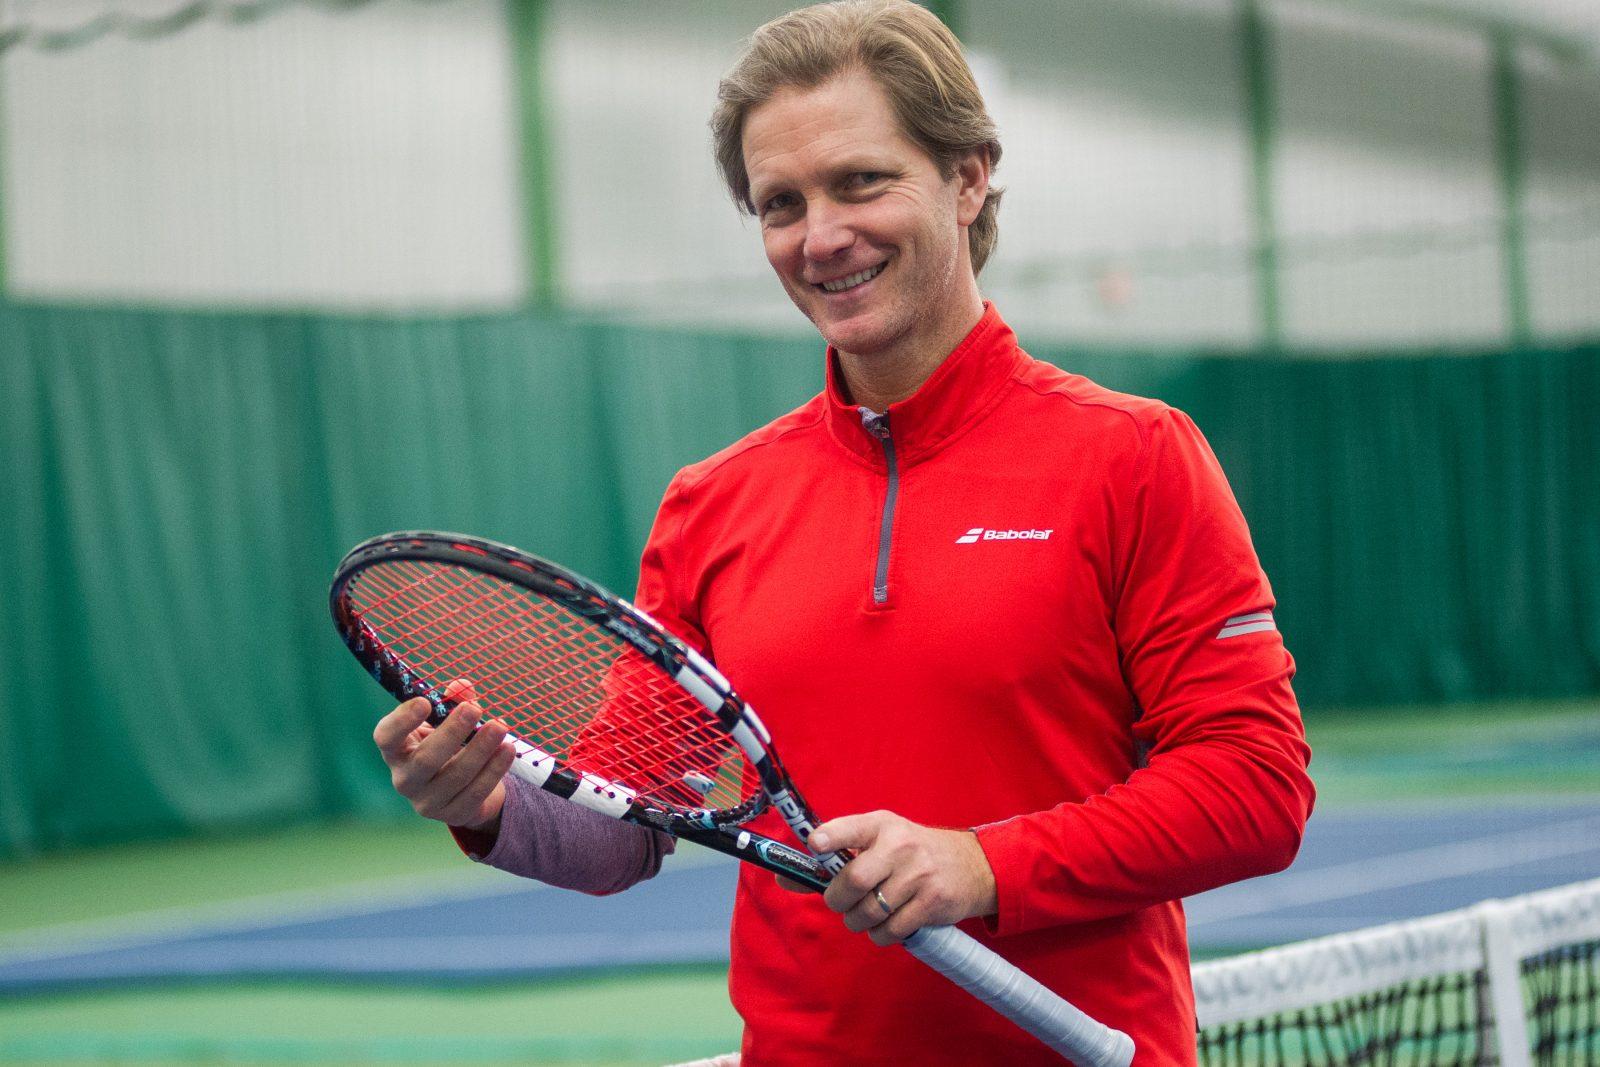 L'impressionnant parcours tennistique de Yann Lefebvre